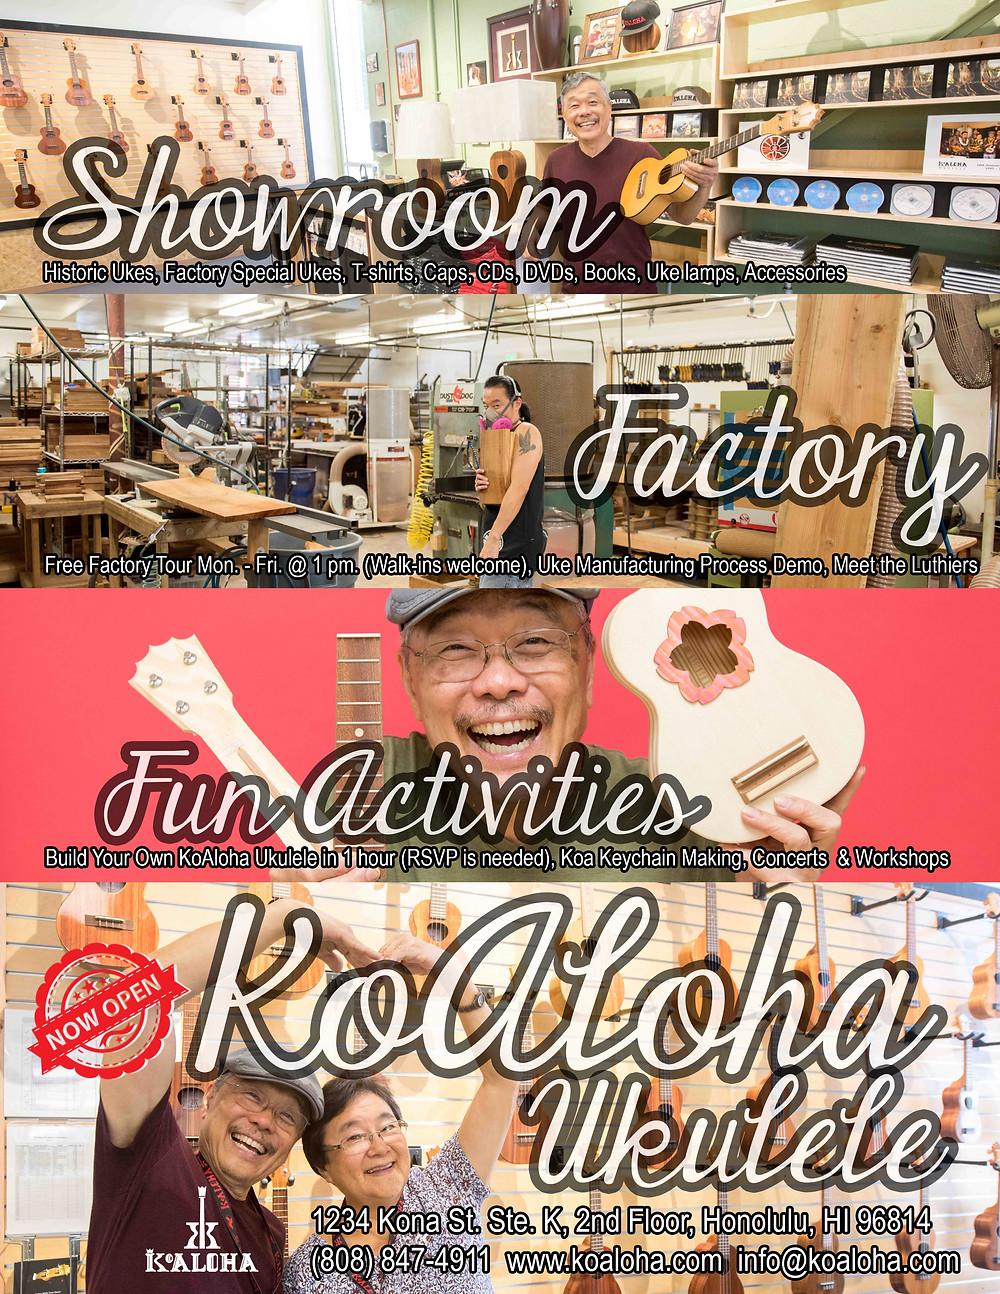 ハワイ新着情報: 創業23周年のウクレレメーカー『コアロハ・ウクレレ』 がカカアコ地区へ移転